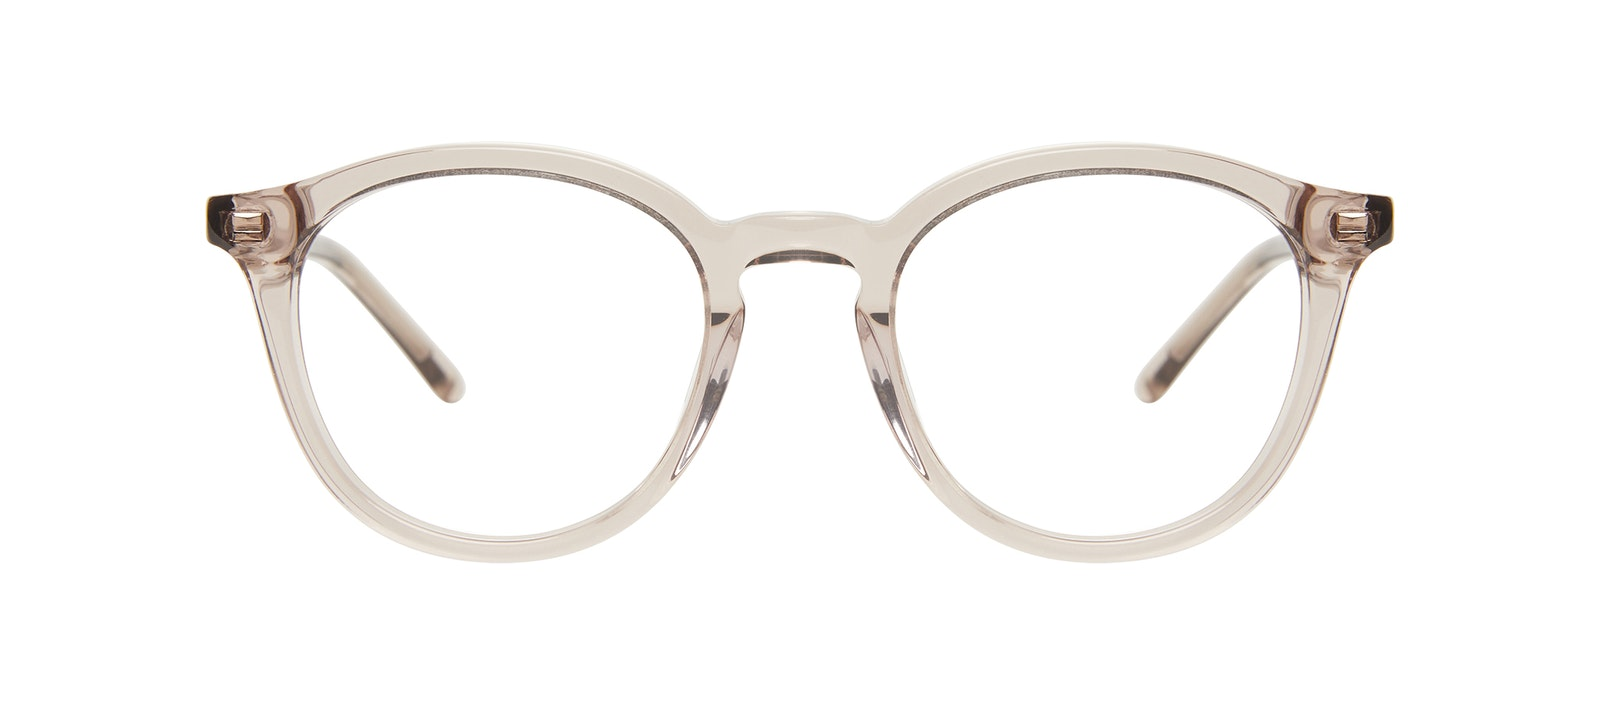 Affordable Fashion Glasses Round Eyeglasses Kids Gent Junior Sand Front